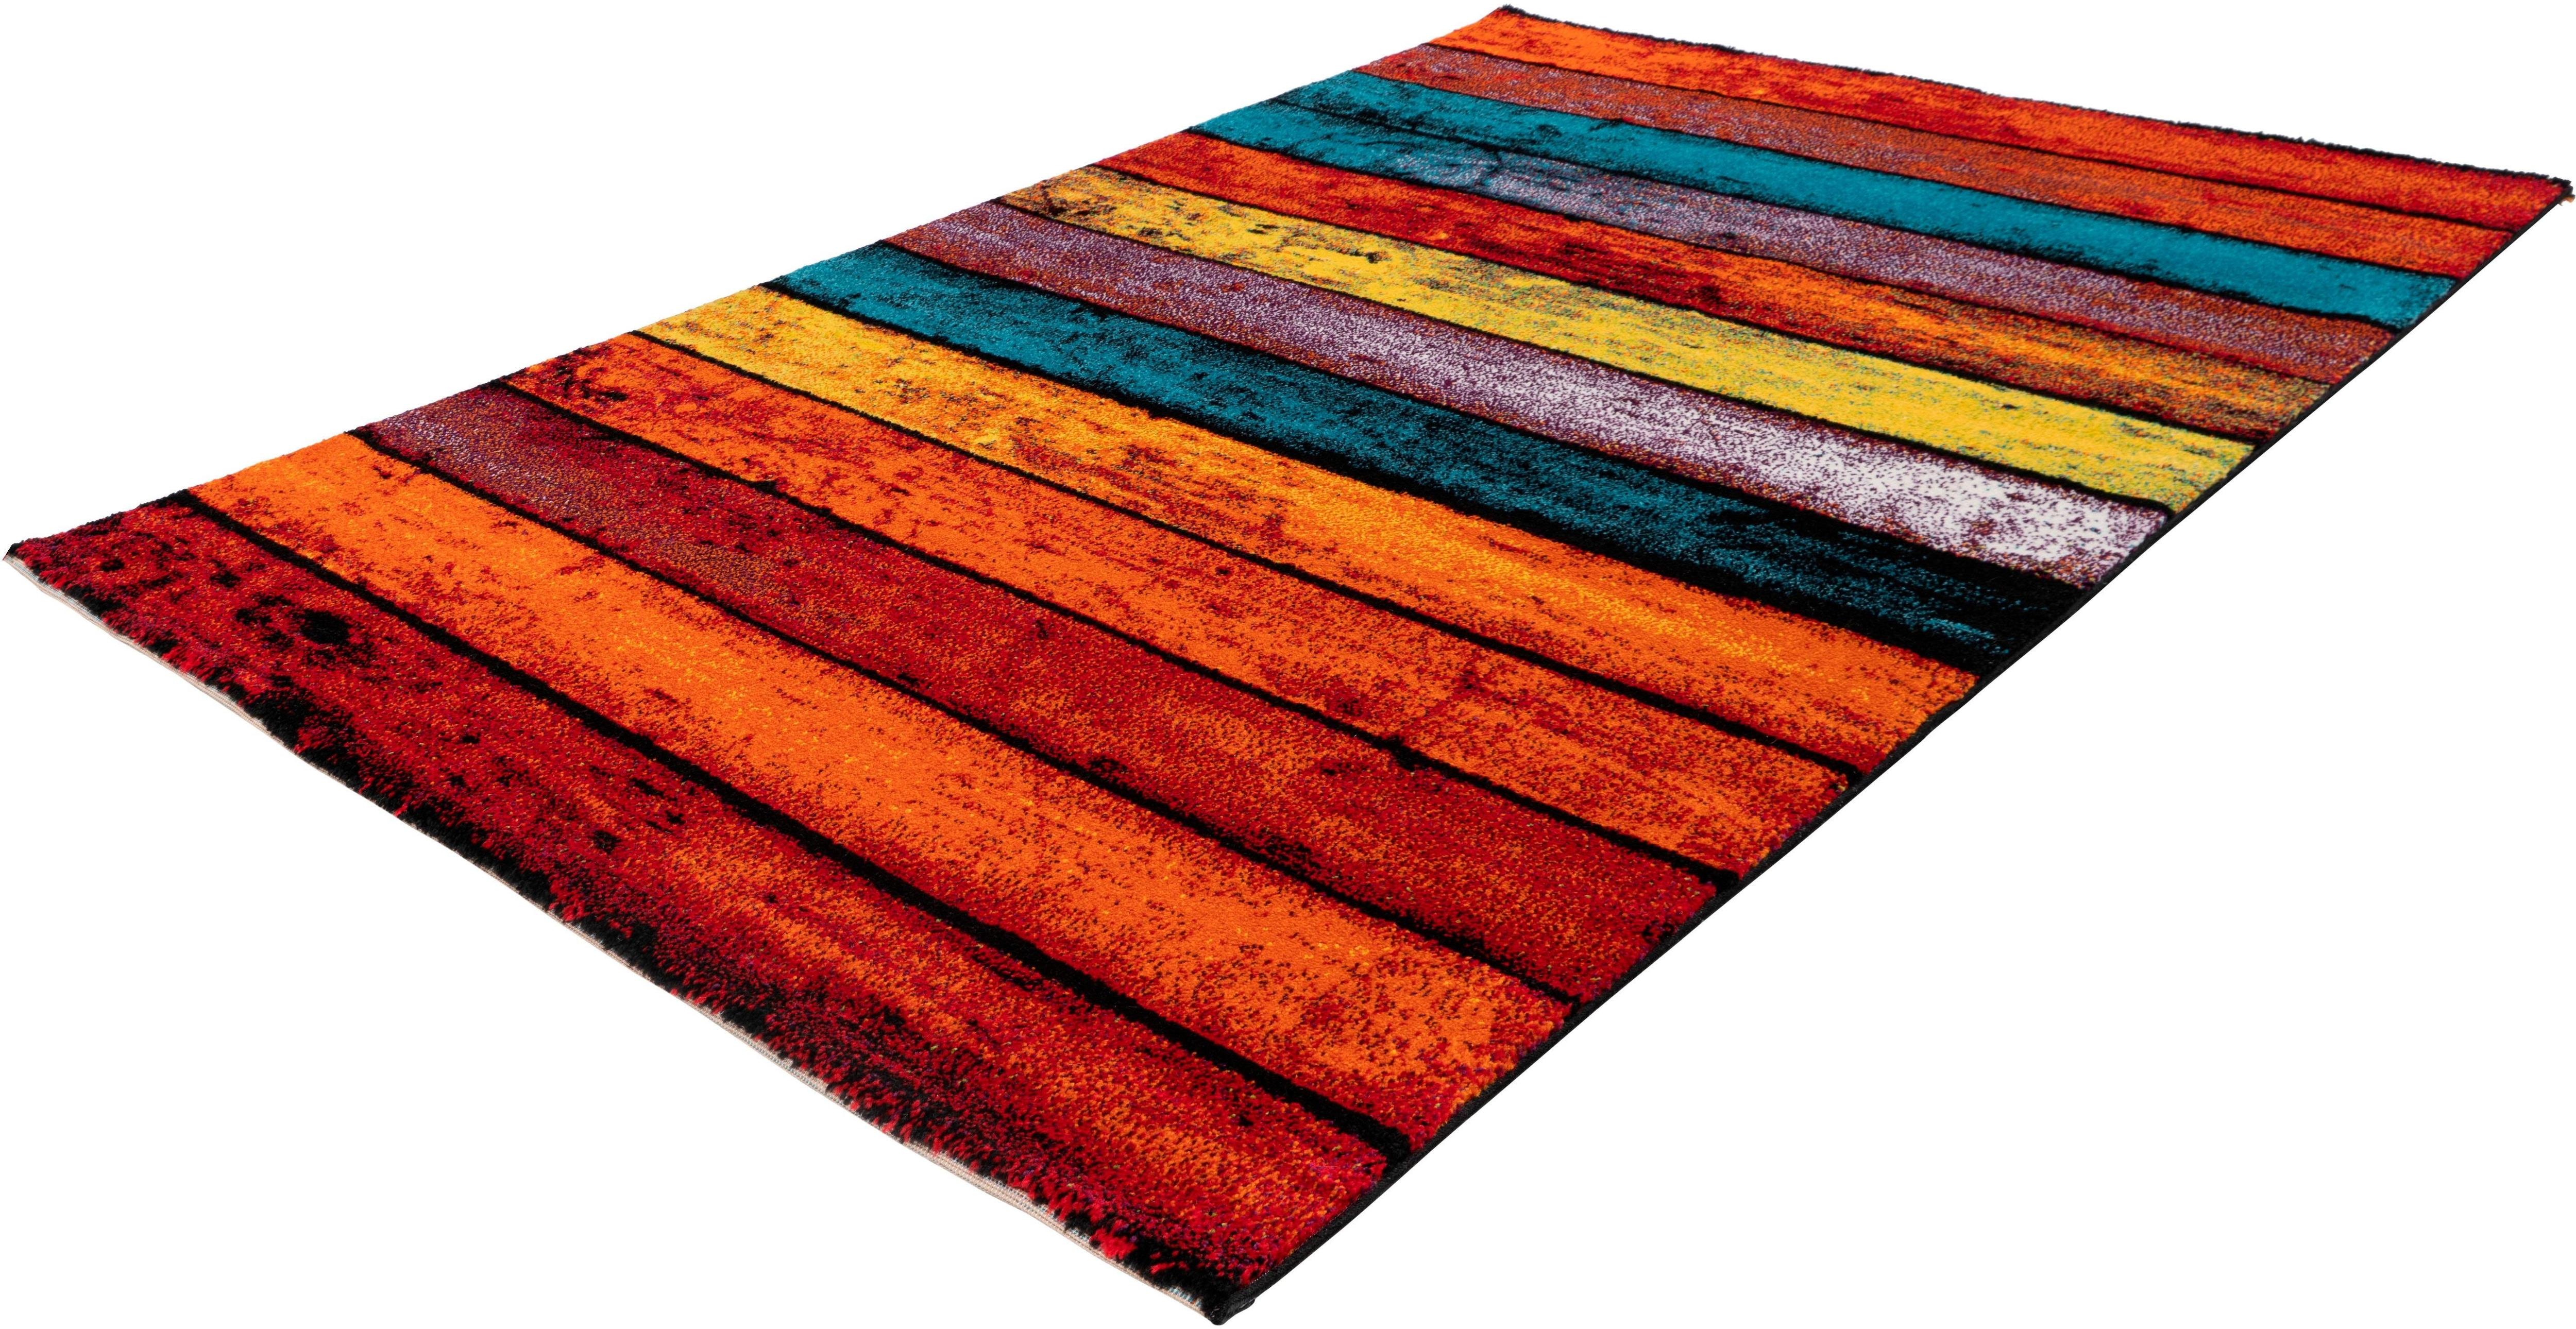 Teppich Mara Rainbow 300 calo-deluxe rechteckig Höhe 15 mm maschinell gewebt